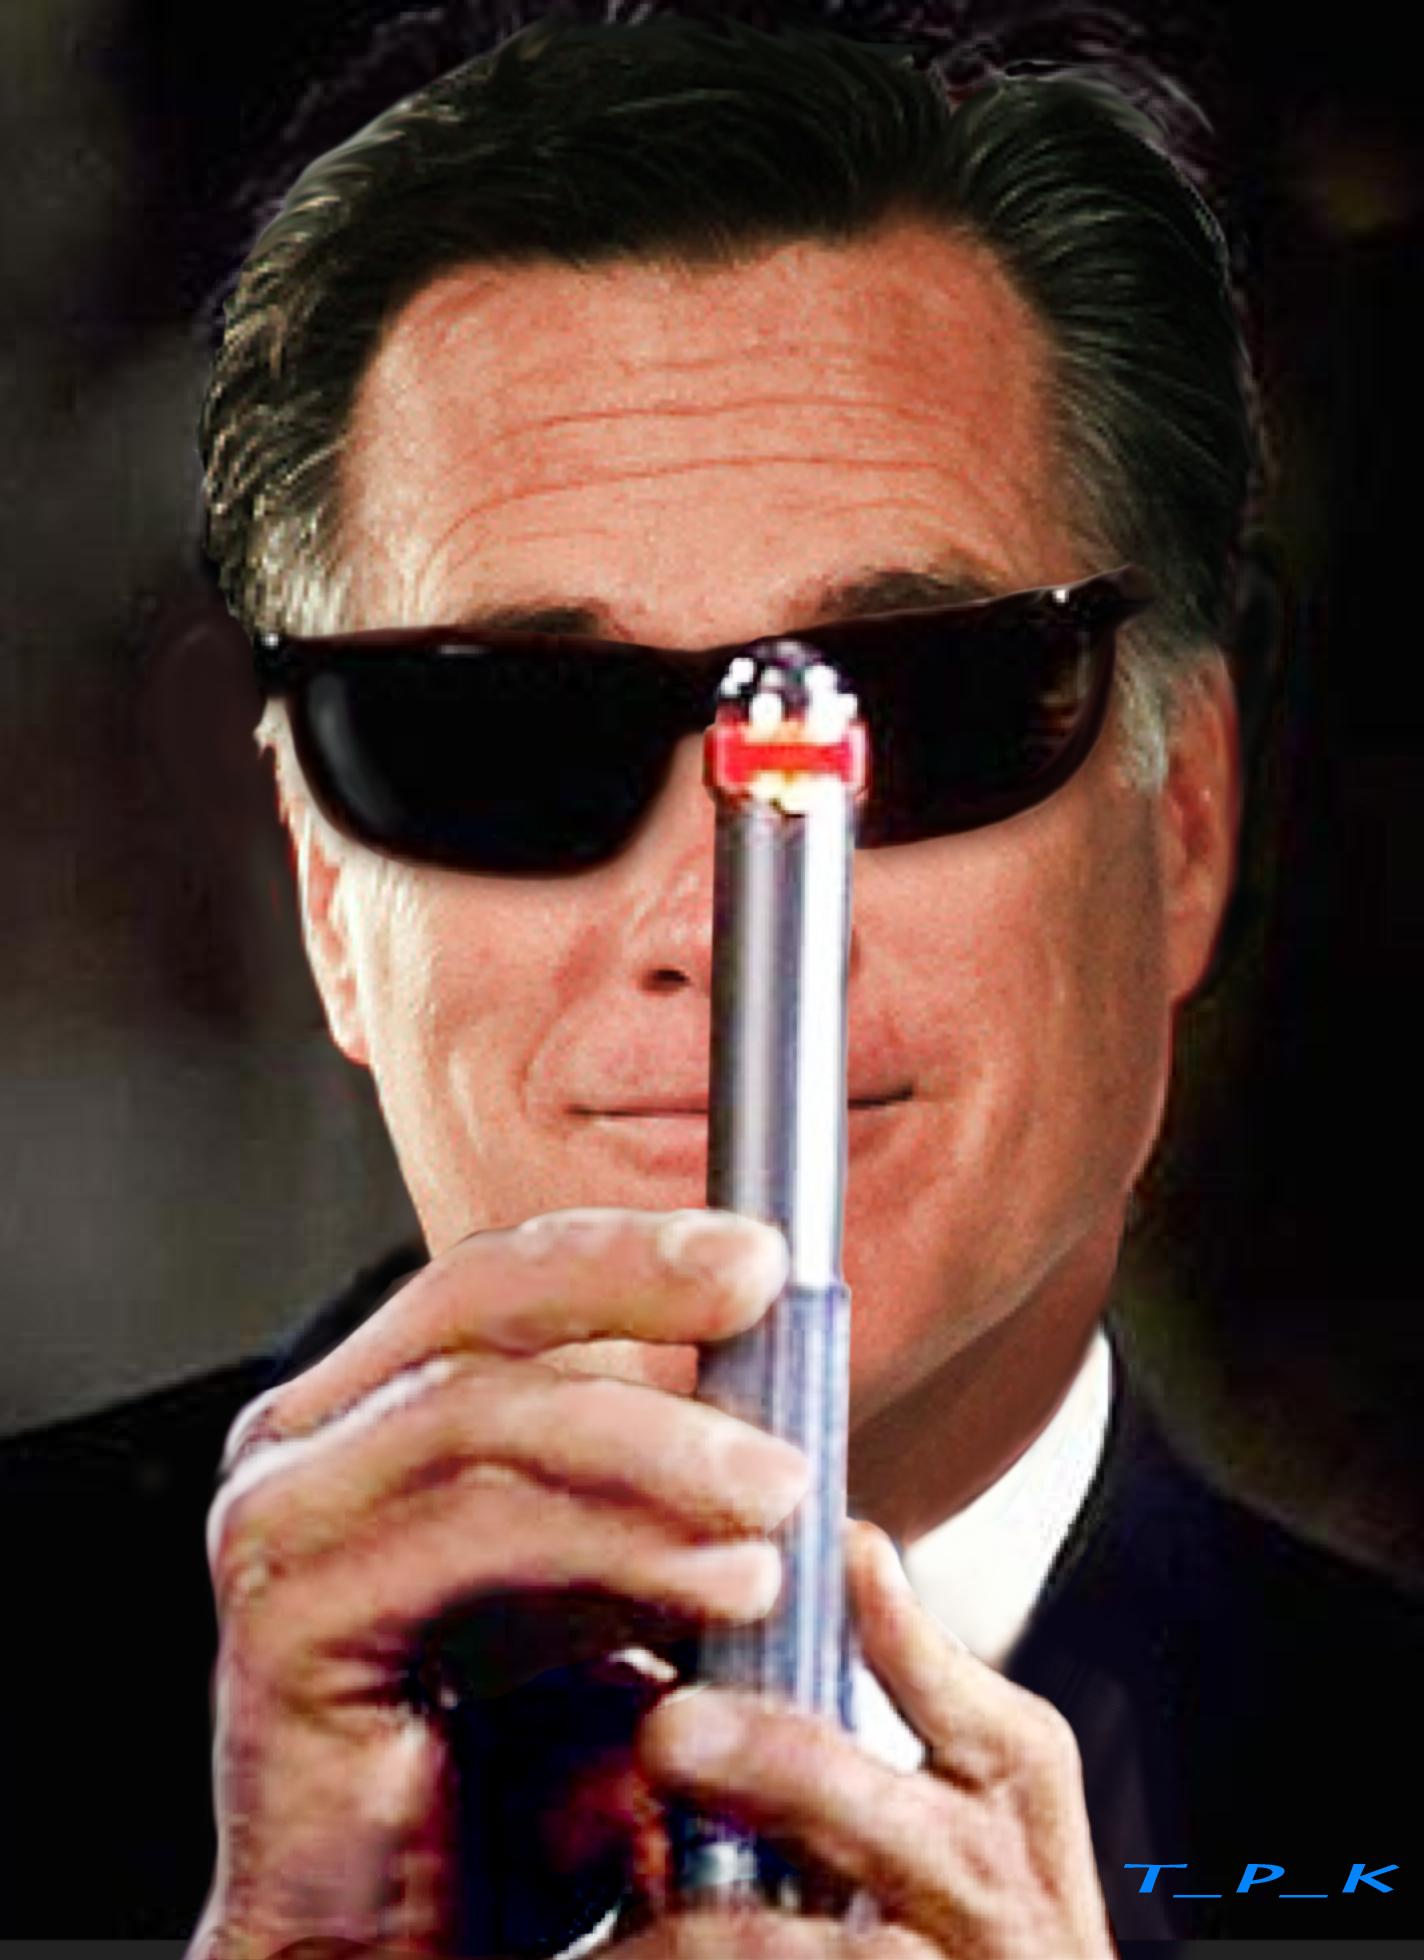 Romneyalizer